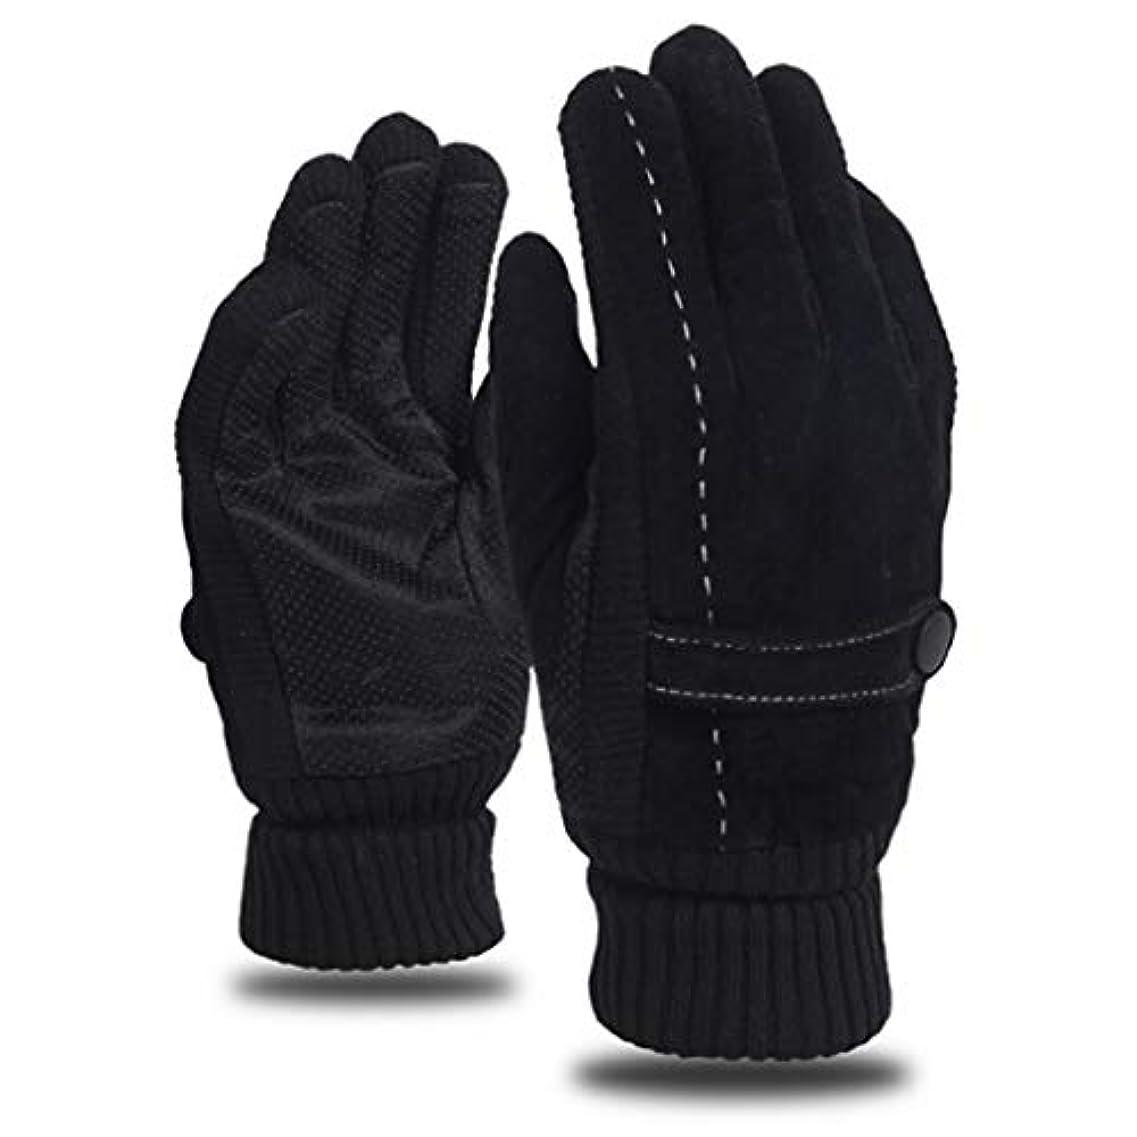 発疹ライオン十一レザーグローブメンズウィンライディングプラスベルベット厚手暖かいドライビングアウトドアオートバイ防風コールドノンスリップメンズコットン手袋 (色 : 黒)